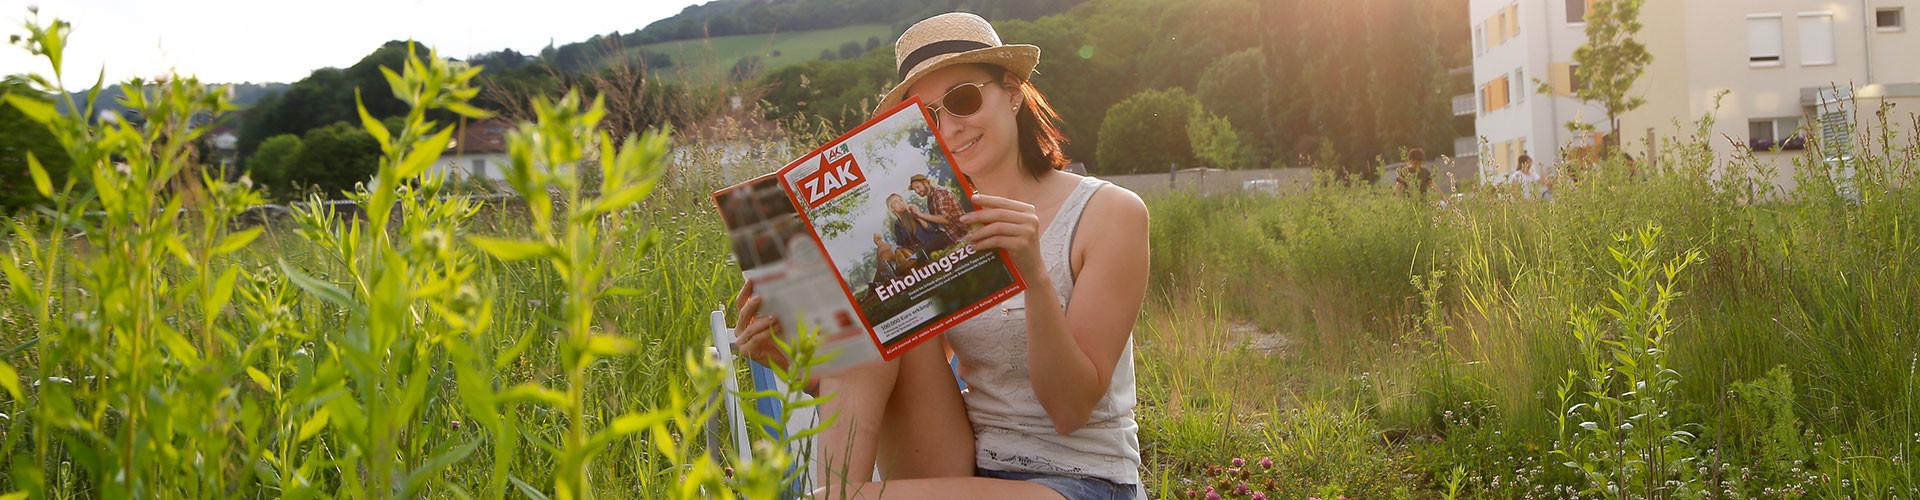 Die Servicezeitung der AK informiert Sie rund um das Arbeitsleben. © Graf-Putz, AK Stmk